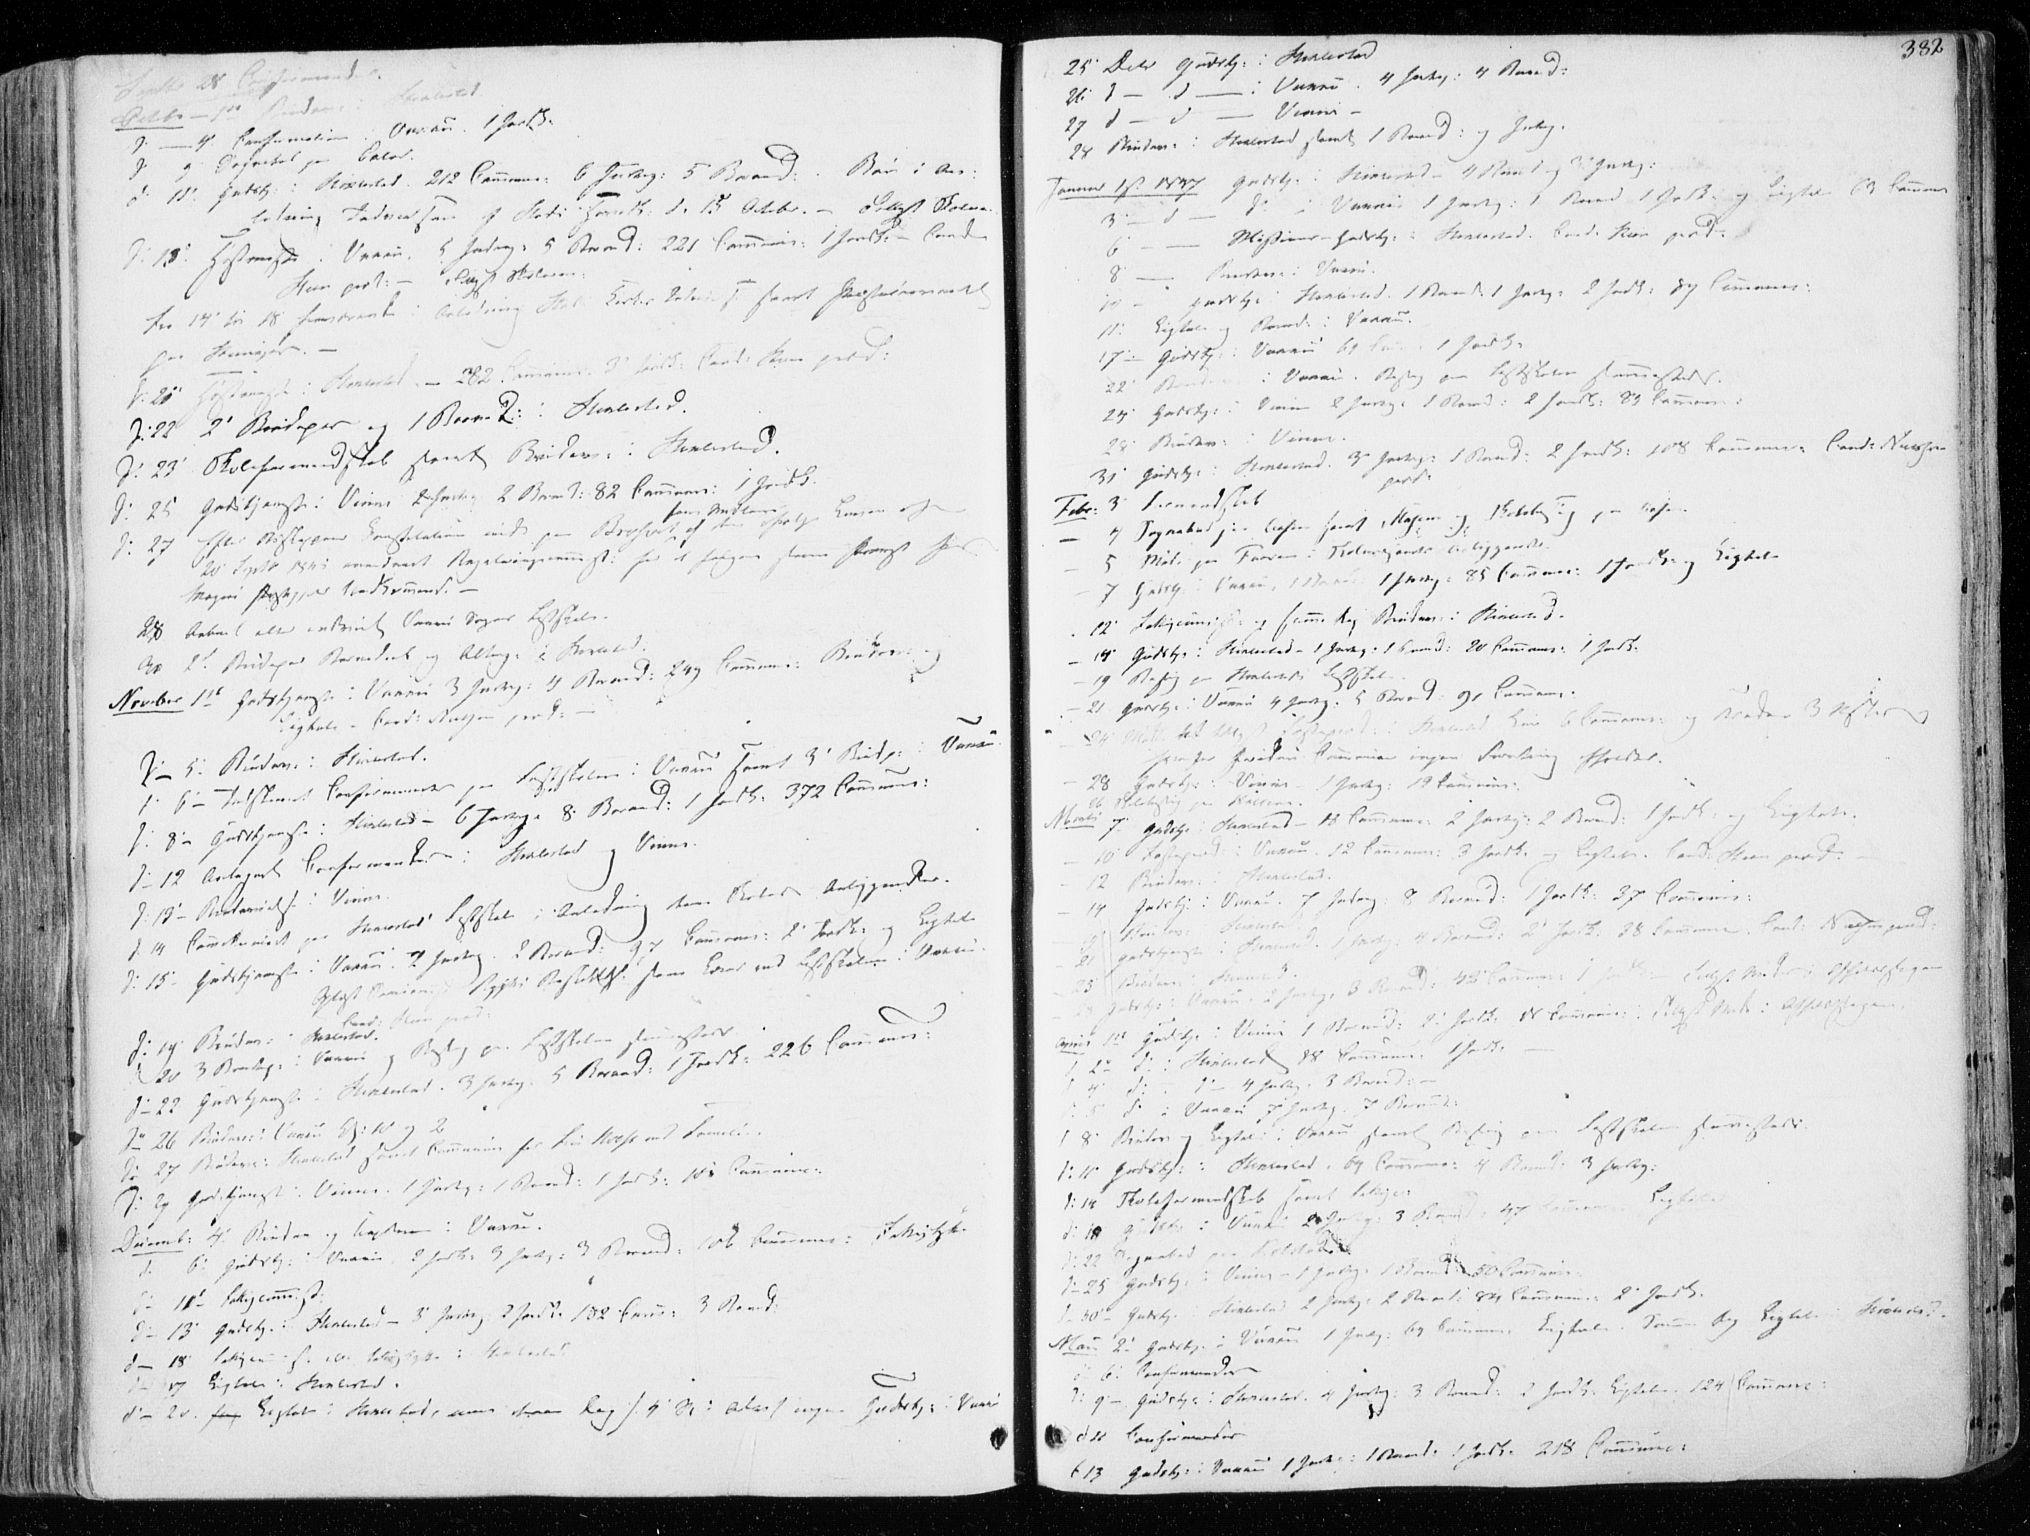 SAT, Ministerialprotokoller, klokkerbøker og fødselsregistre - Nord-Trøndelag, 723/L0239: Ministerialbok nr. 723A08, 1841-1851, s. 382